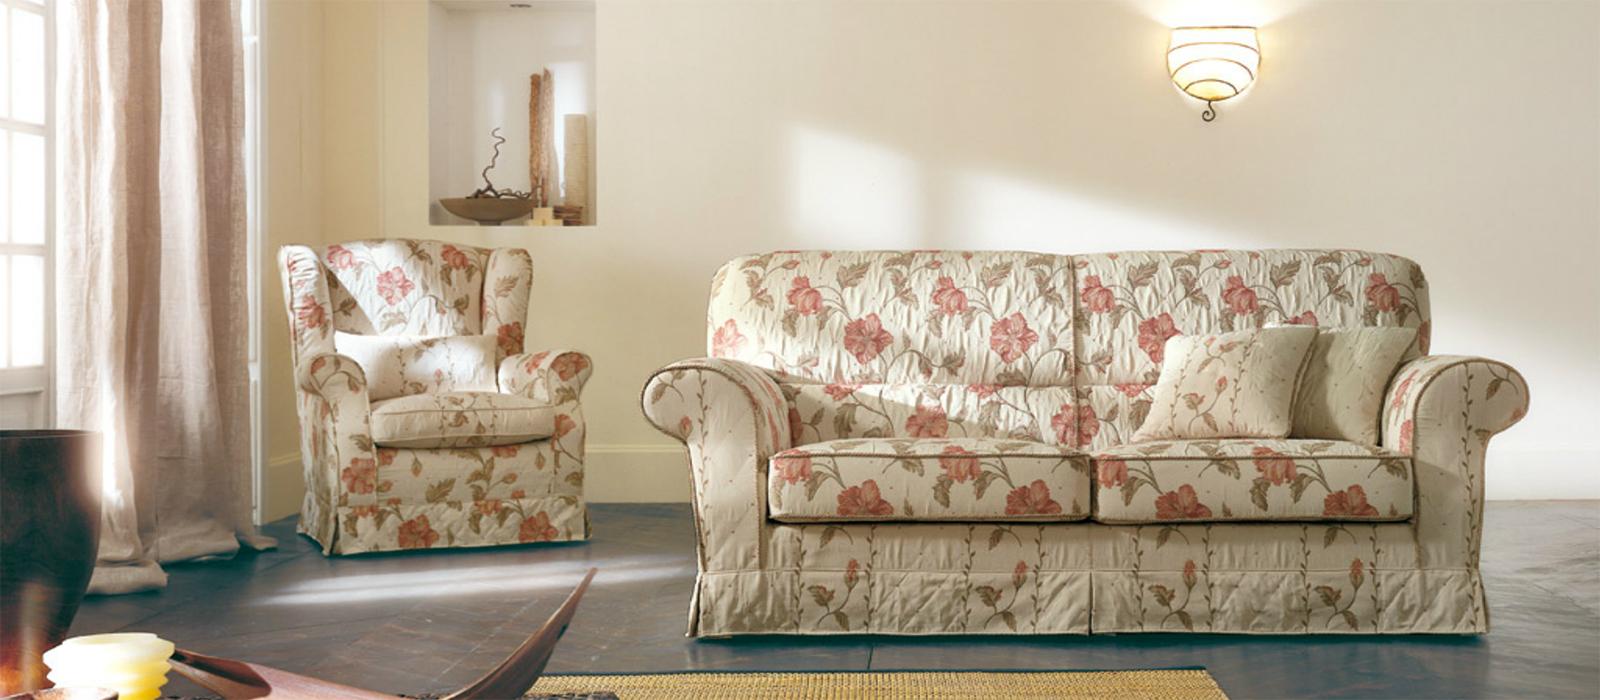 abbinare il divano alle poltrone